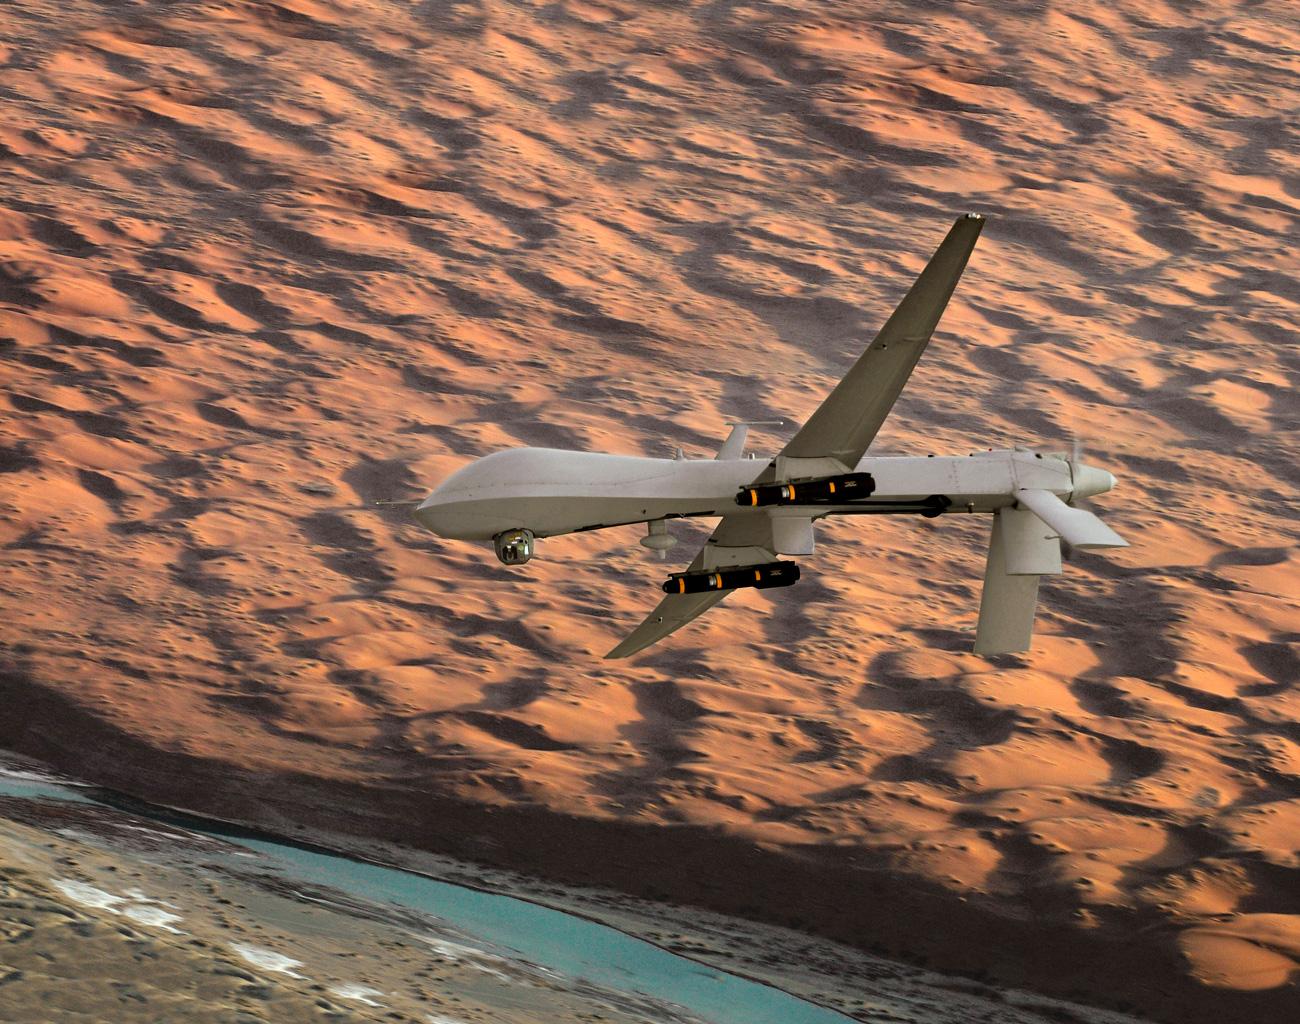 Drone MA-1 predator